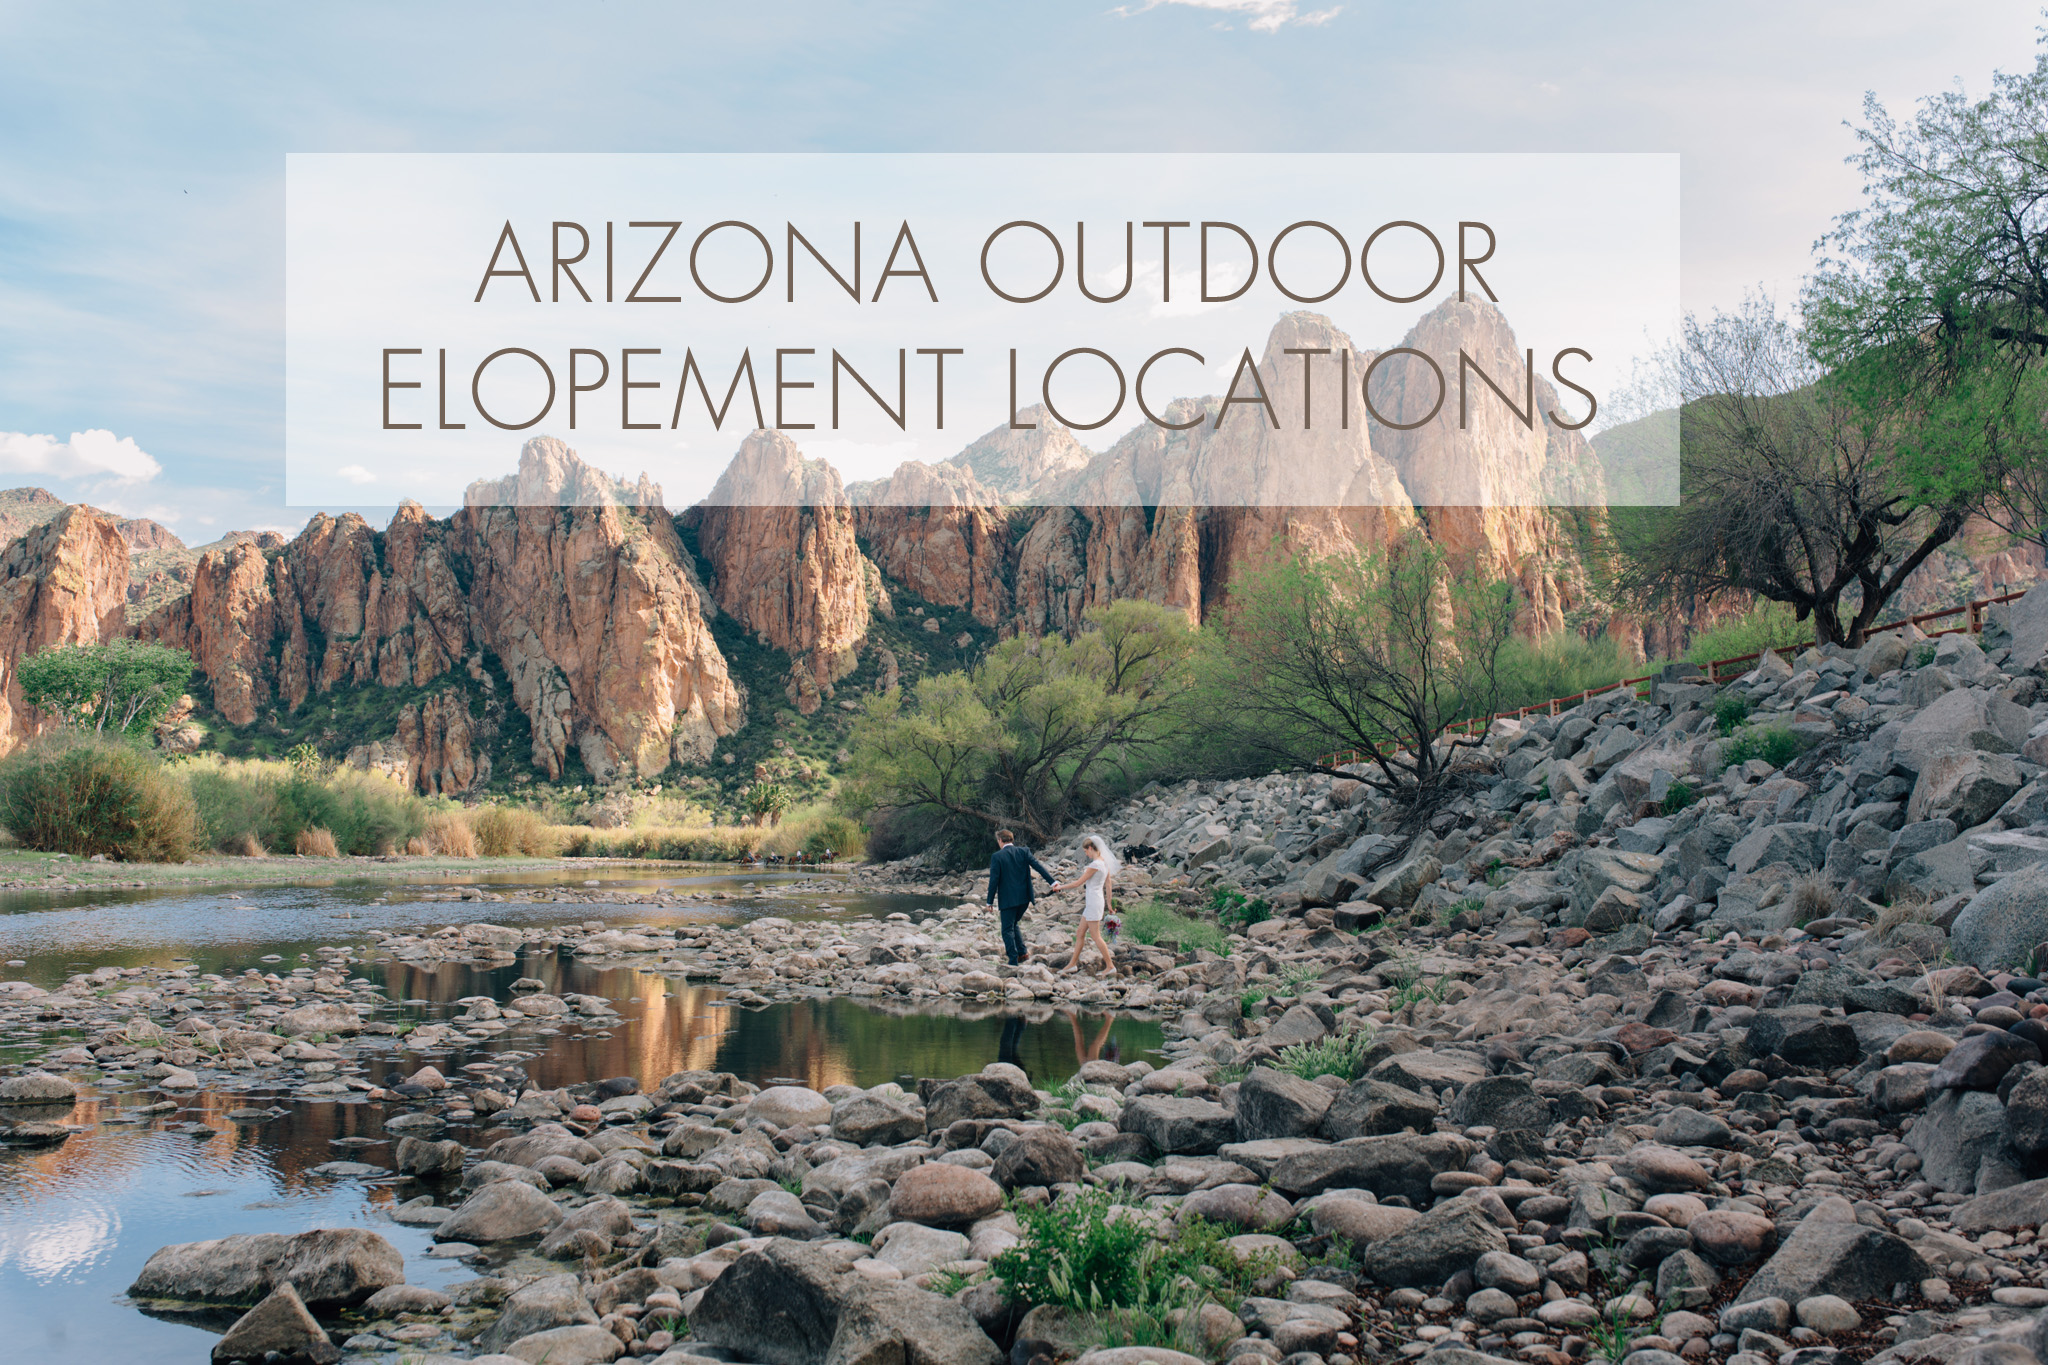 Arizona outdoor elopement locations